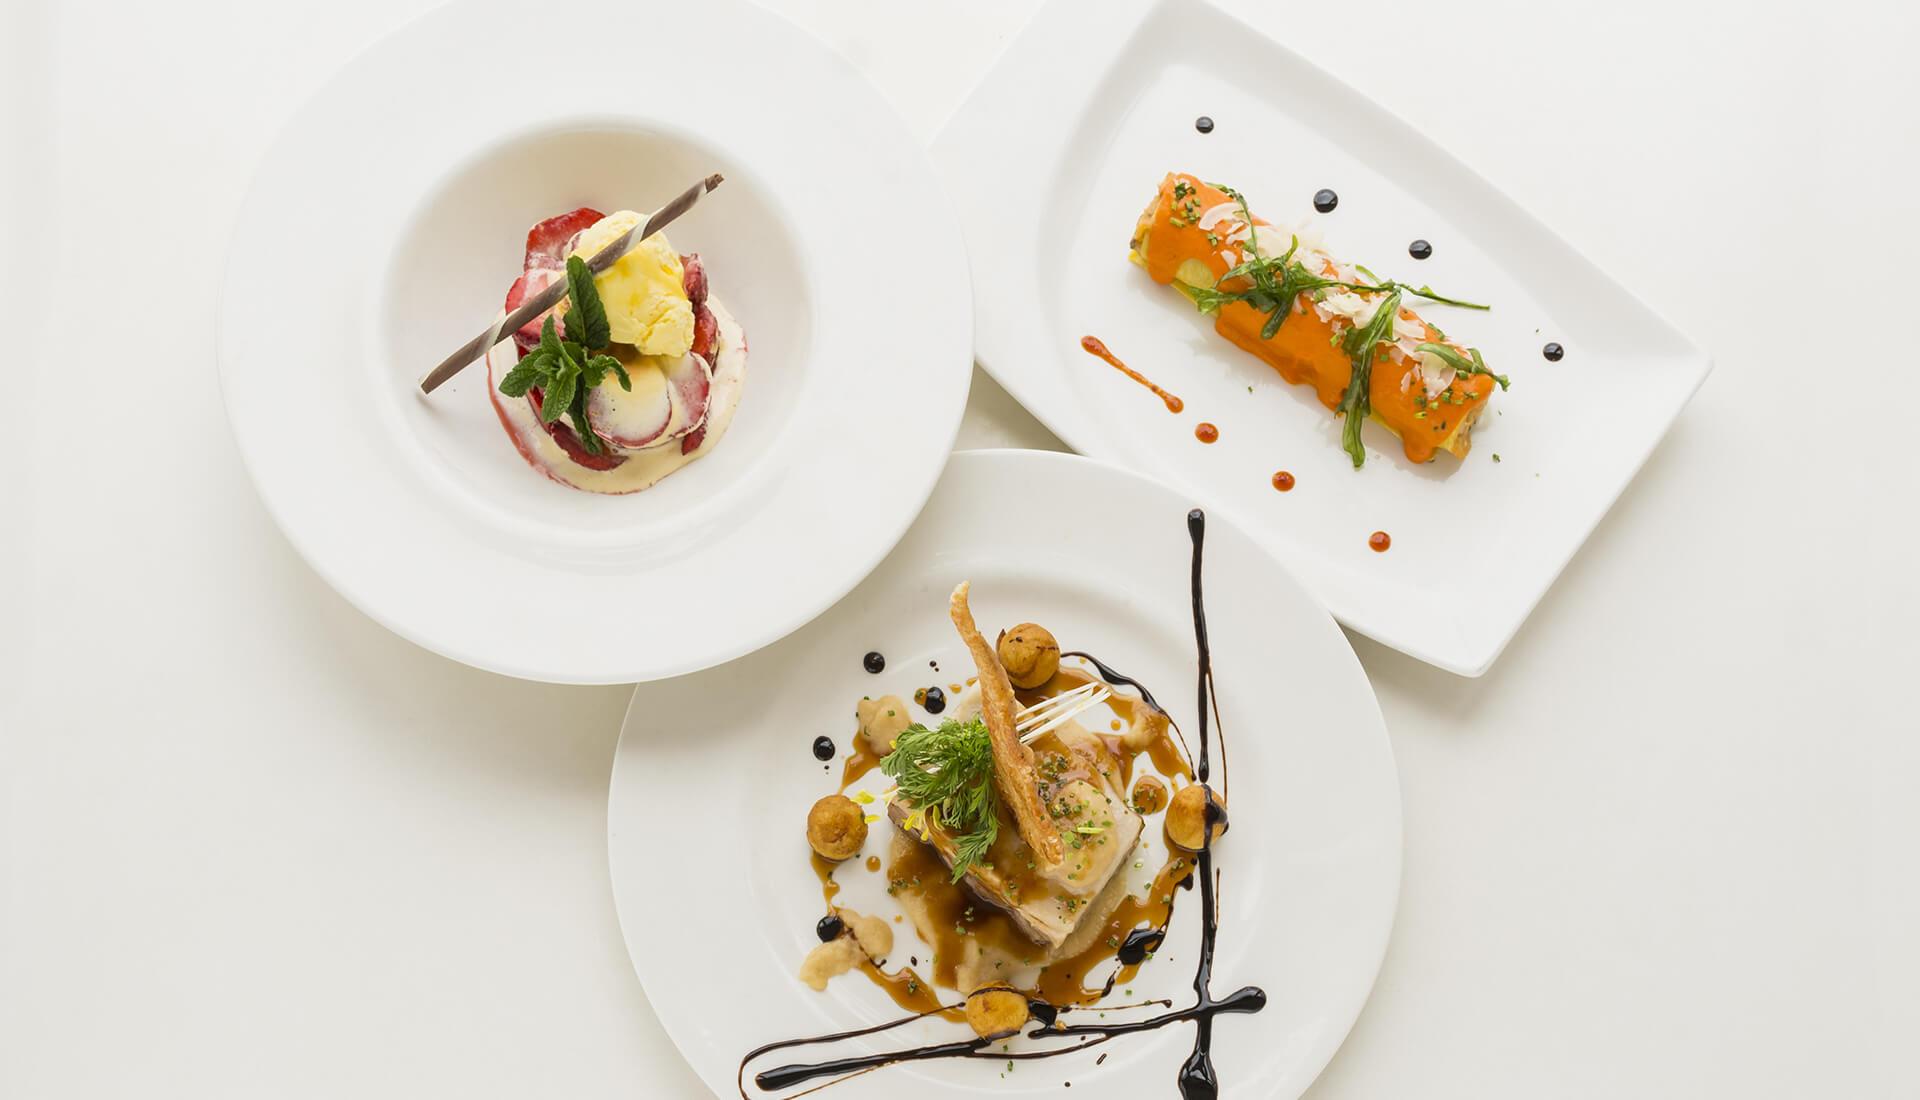 Vive tus vacaciones en Calvià Mallorca. Mostra de cuines, gastronomía Magaluf, Palmanova, Santa Ponça, Peguera, Ses Illetes, Bendinat, Cala fornells, Mostra de cuines de Calvià , gastronomía